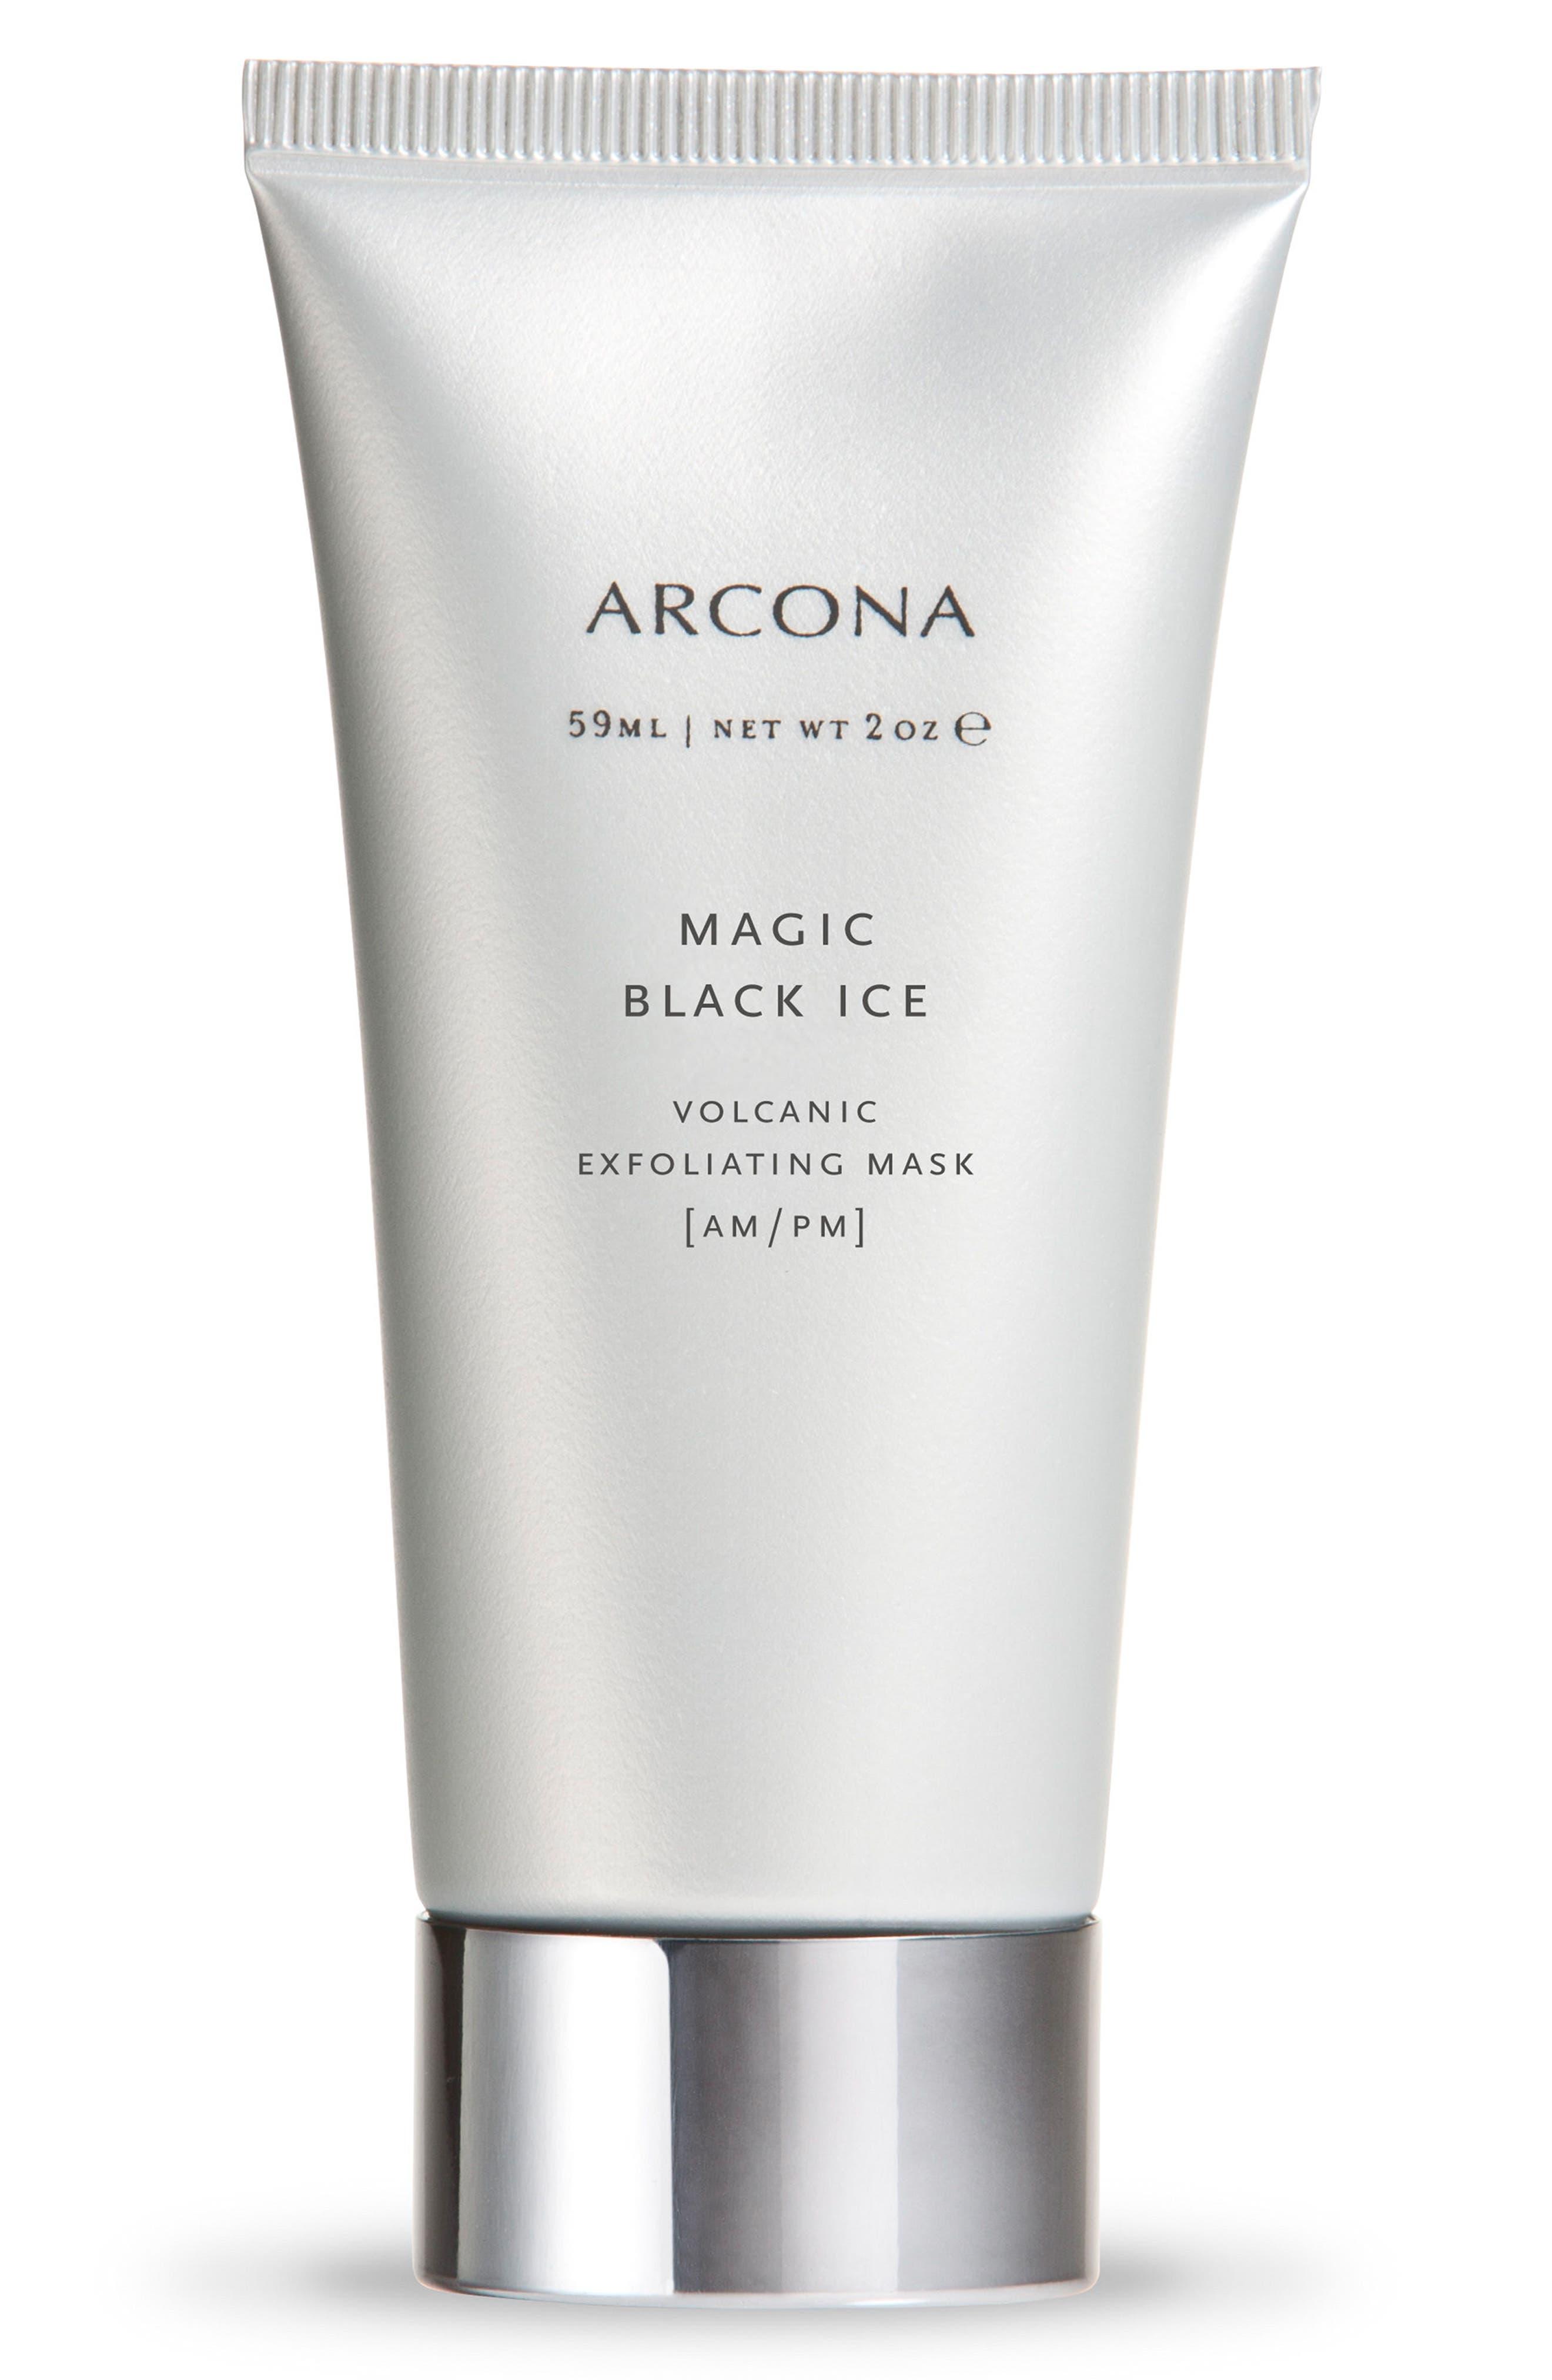 Magic Black Ice Exfoliating Mask